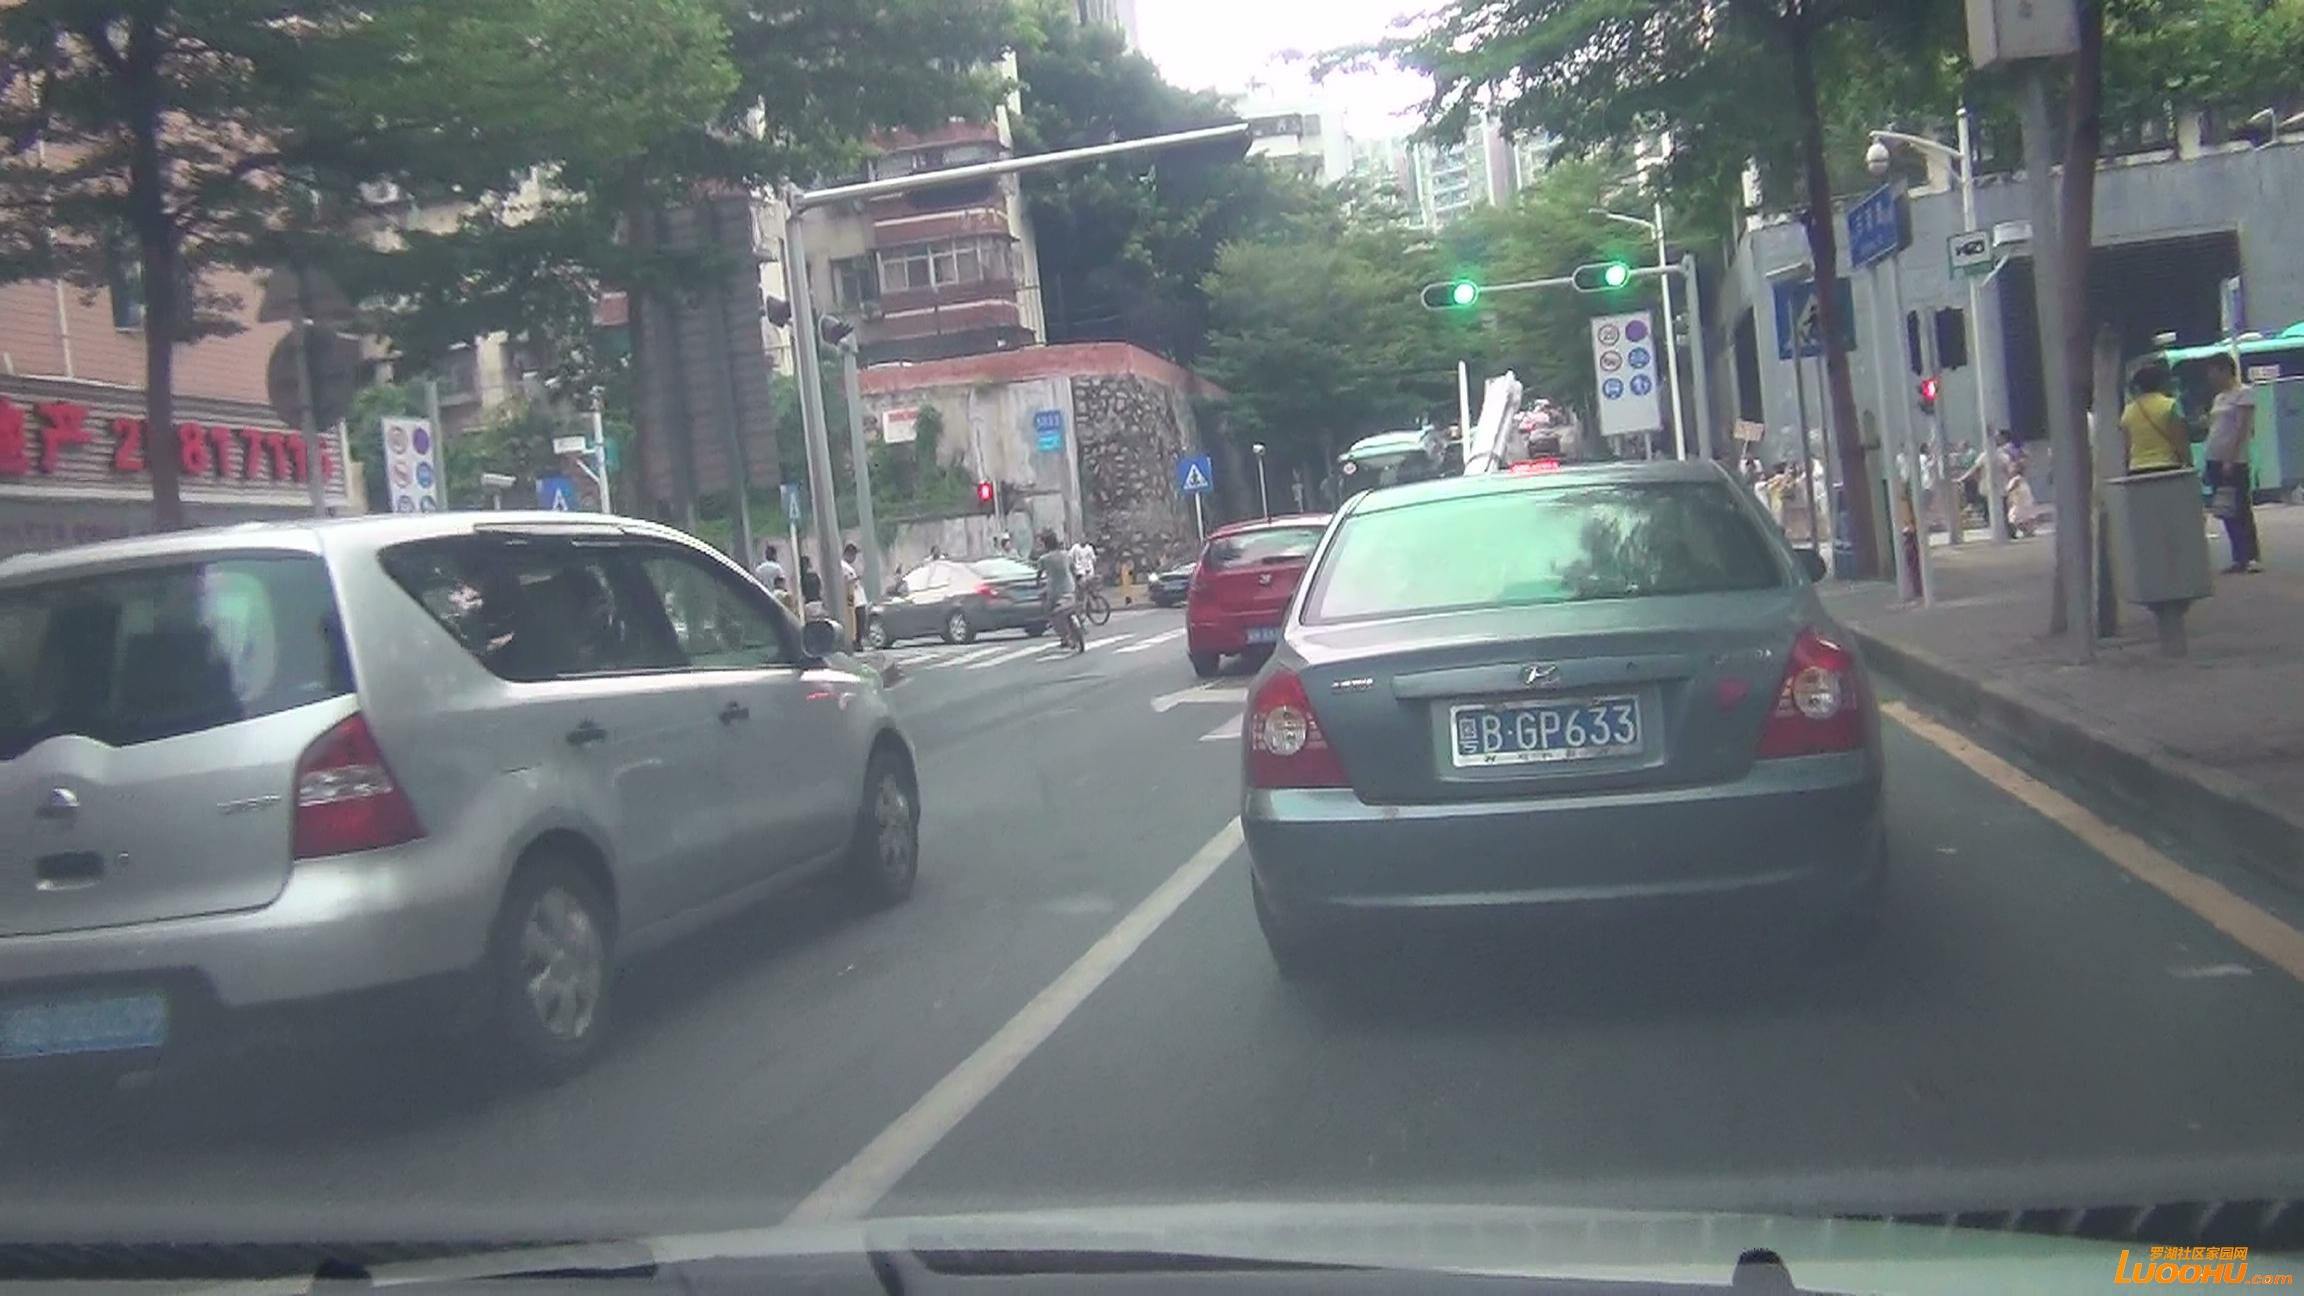 东晓路南往北红色及灰色轿车进入左转道后突然右转后直行造成后车急刹 (3).jpg.jpg